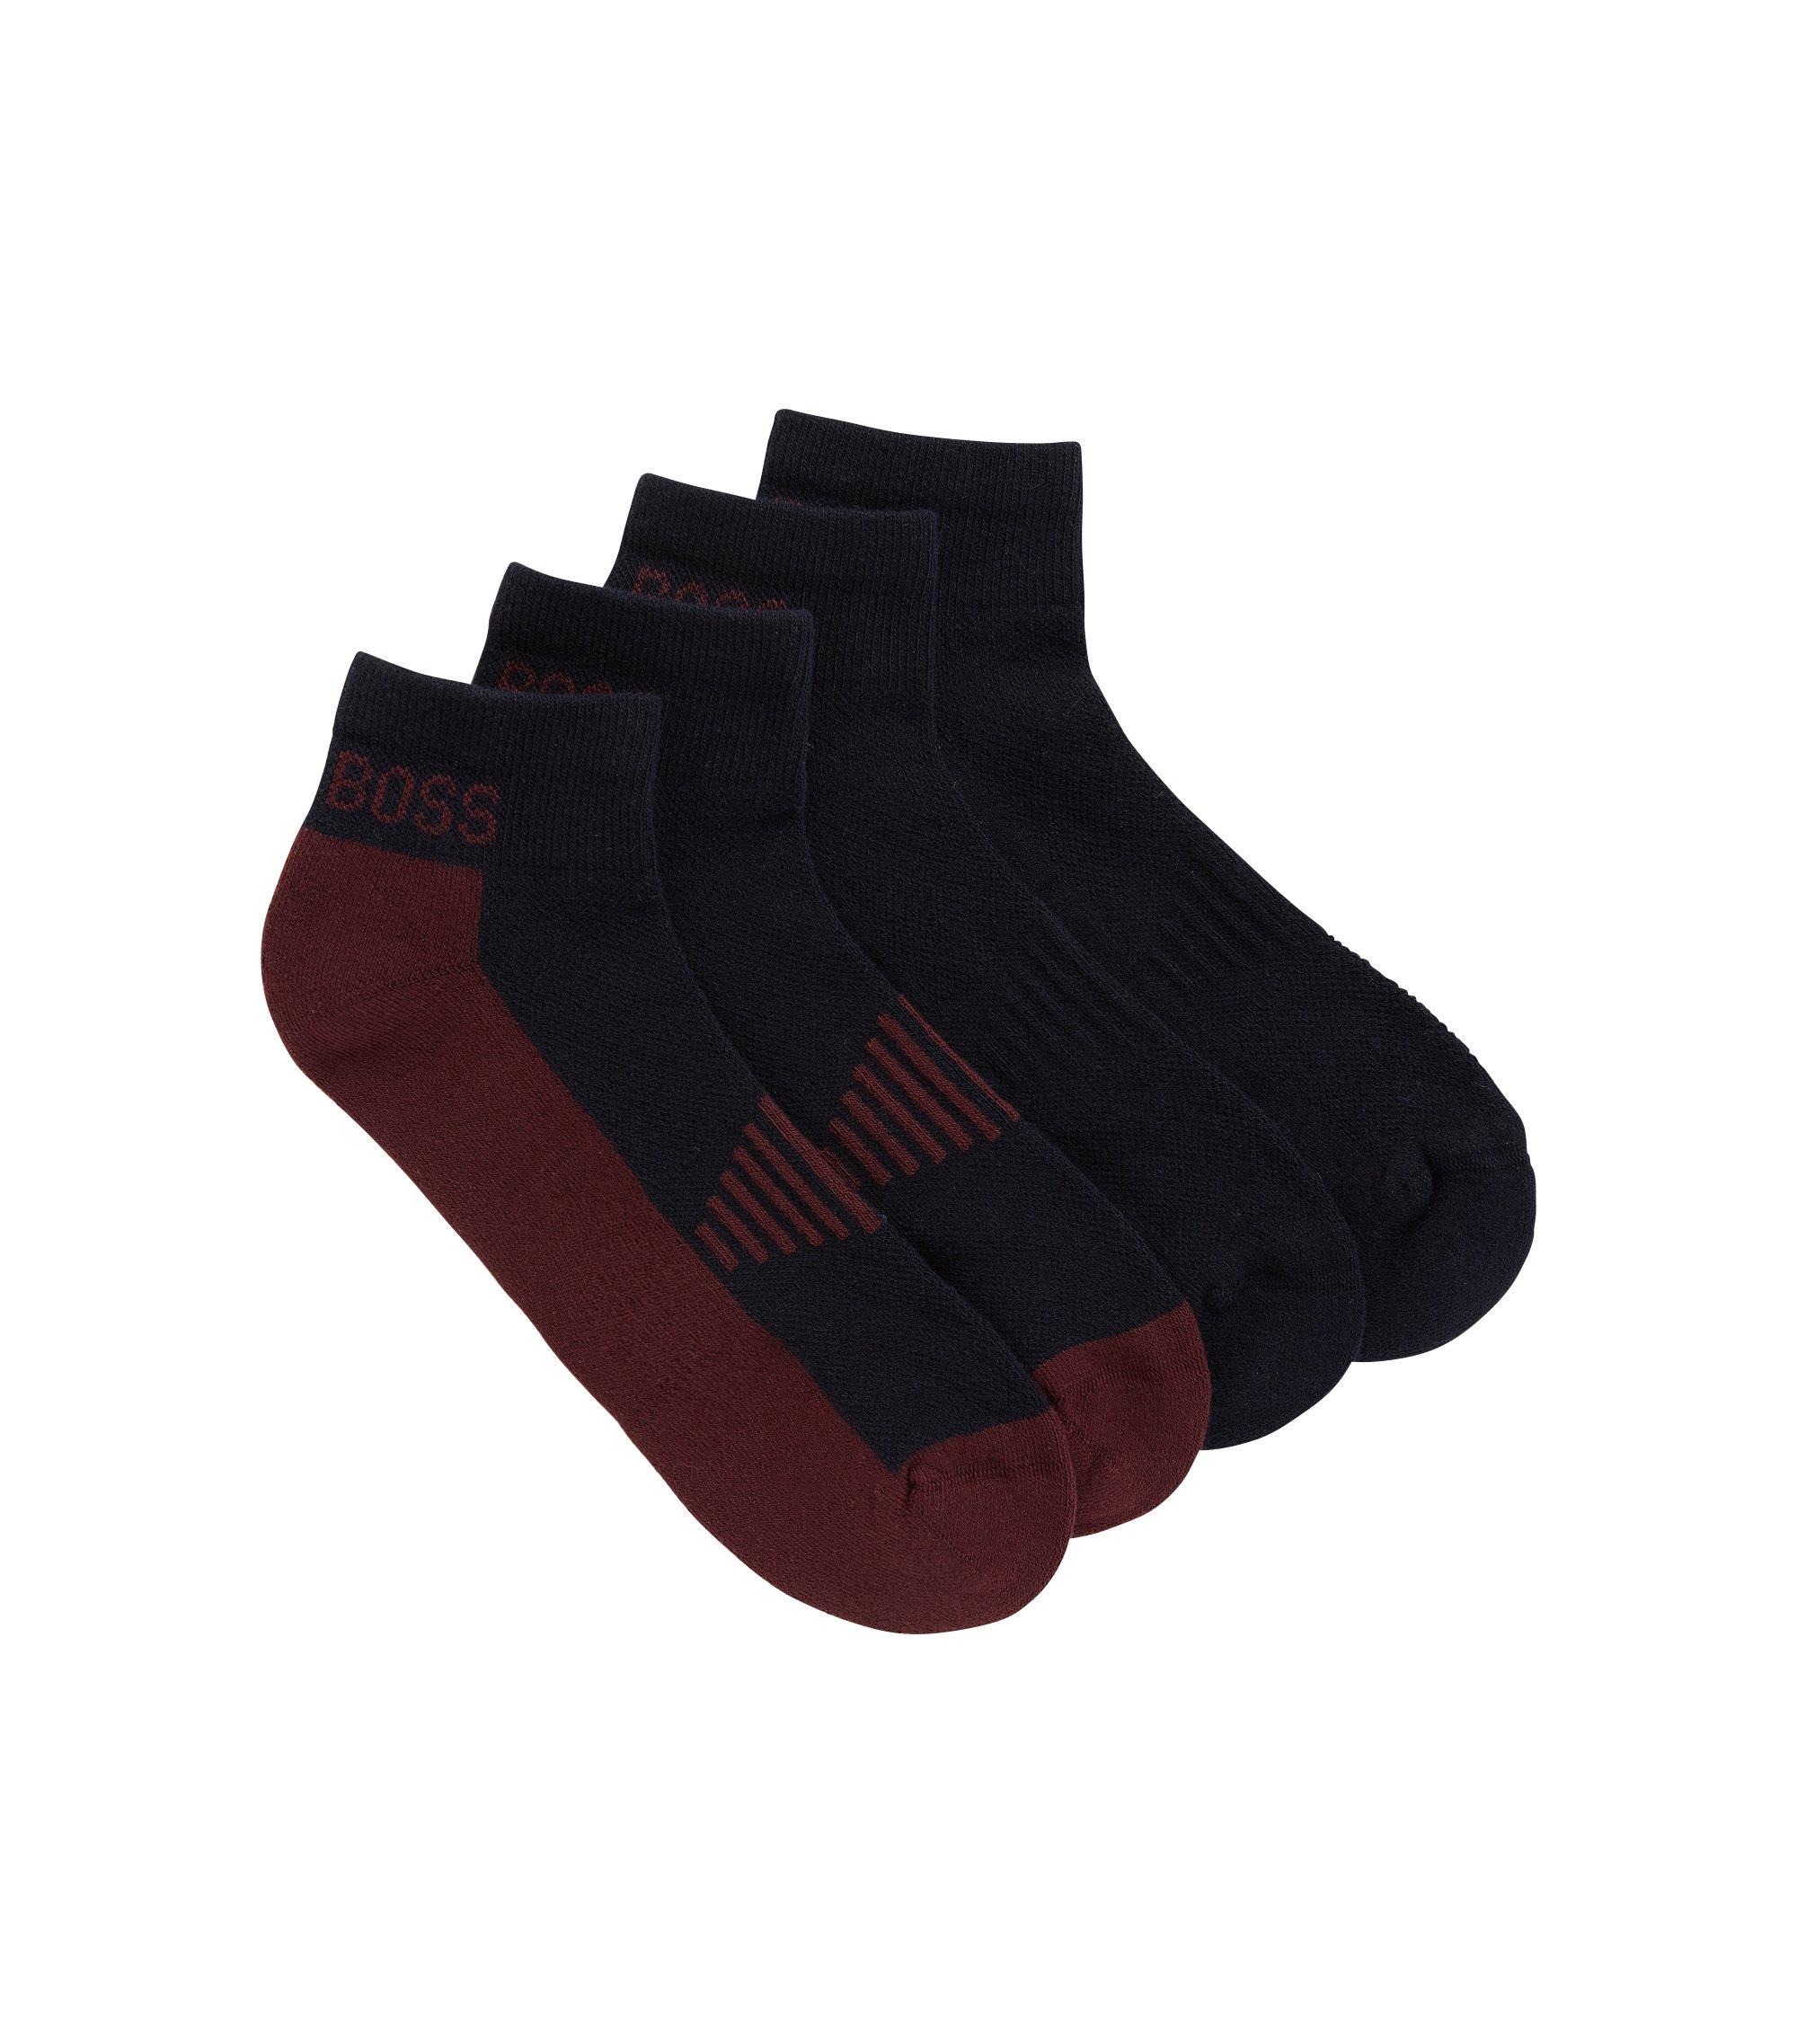 Knöchelhohe Socken aus Baumwoll-Piqué mit Polsterung im Zweier-Pack, Dunkelblau